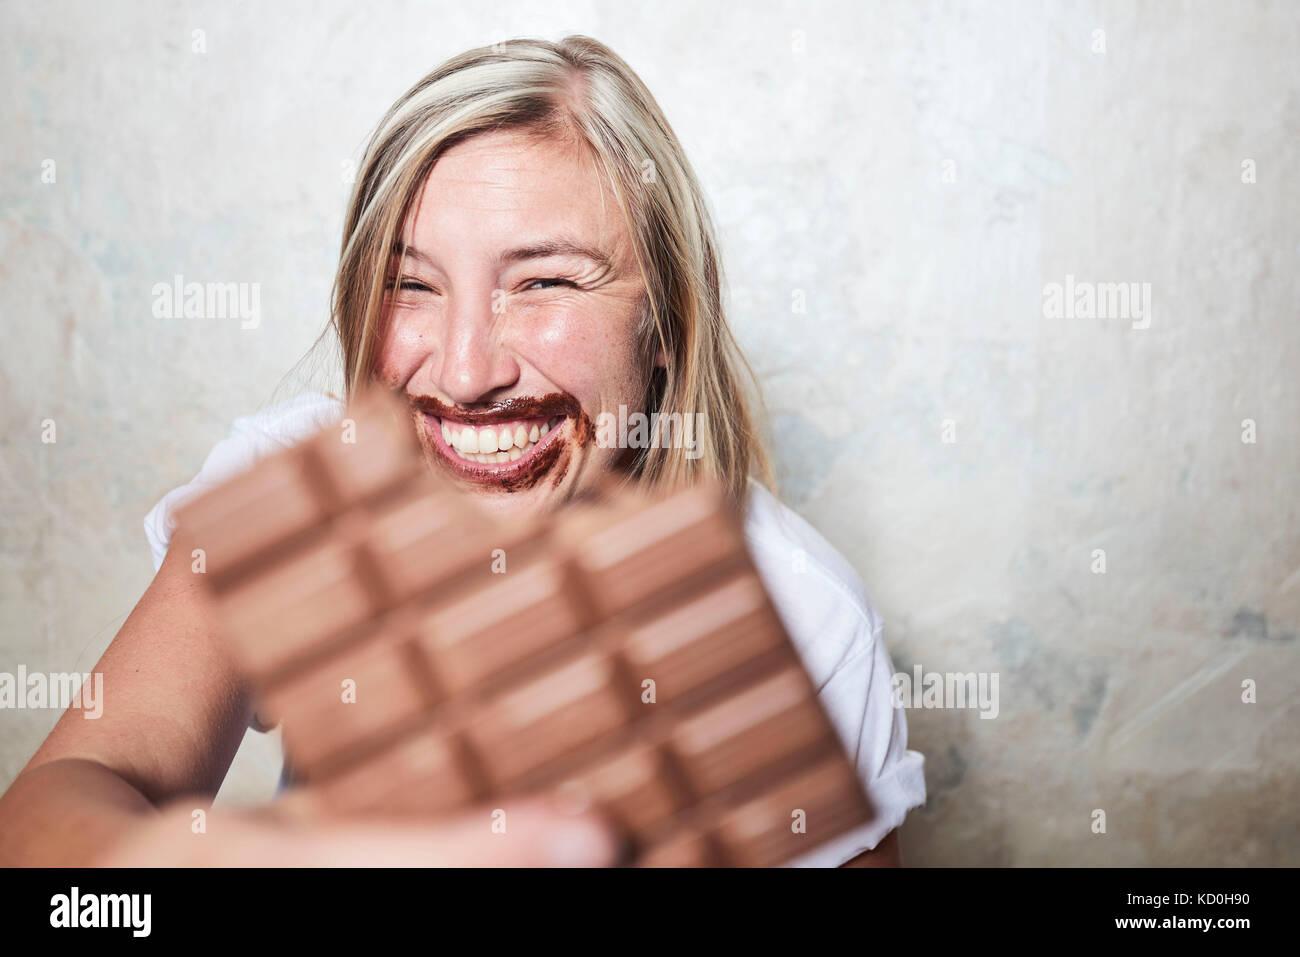 Portrait von Frau essen Schokolade, Schokolade rund um Mund Stockfoto